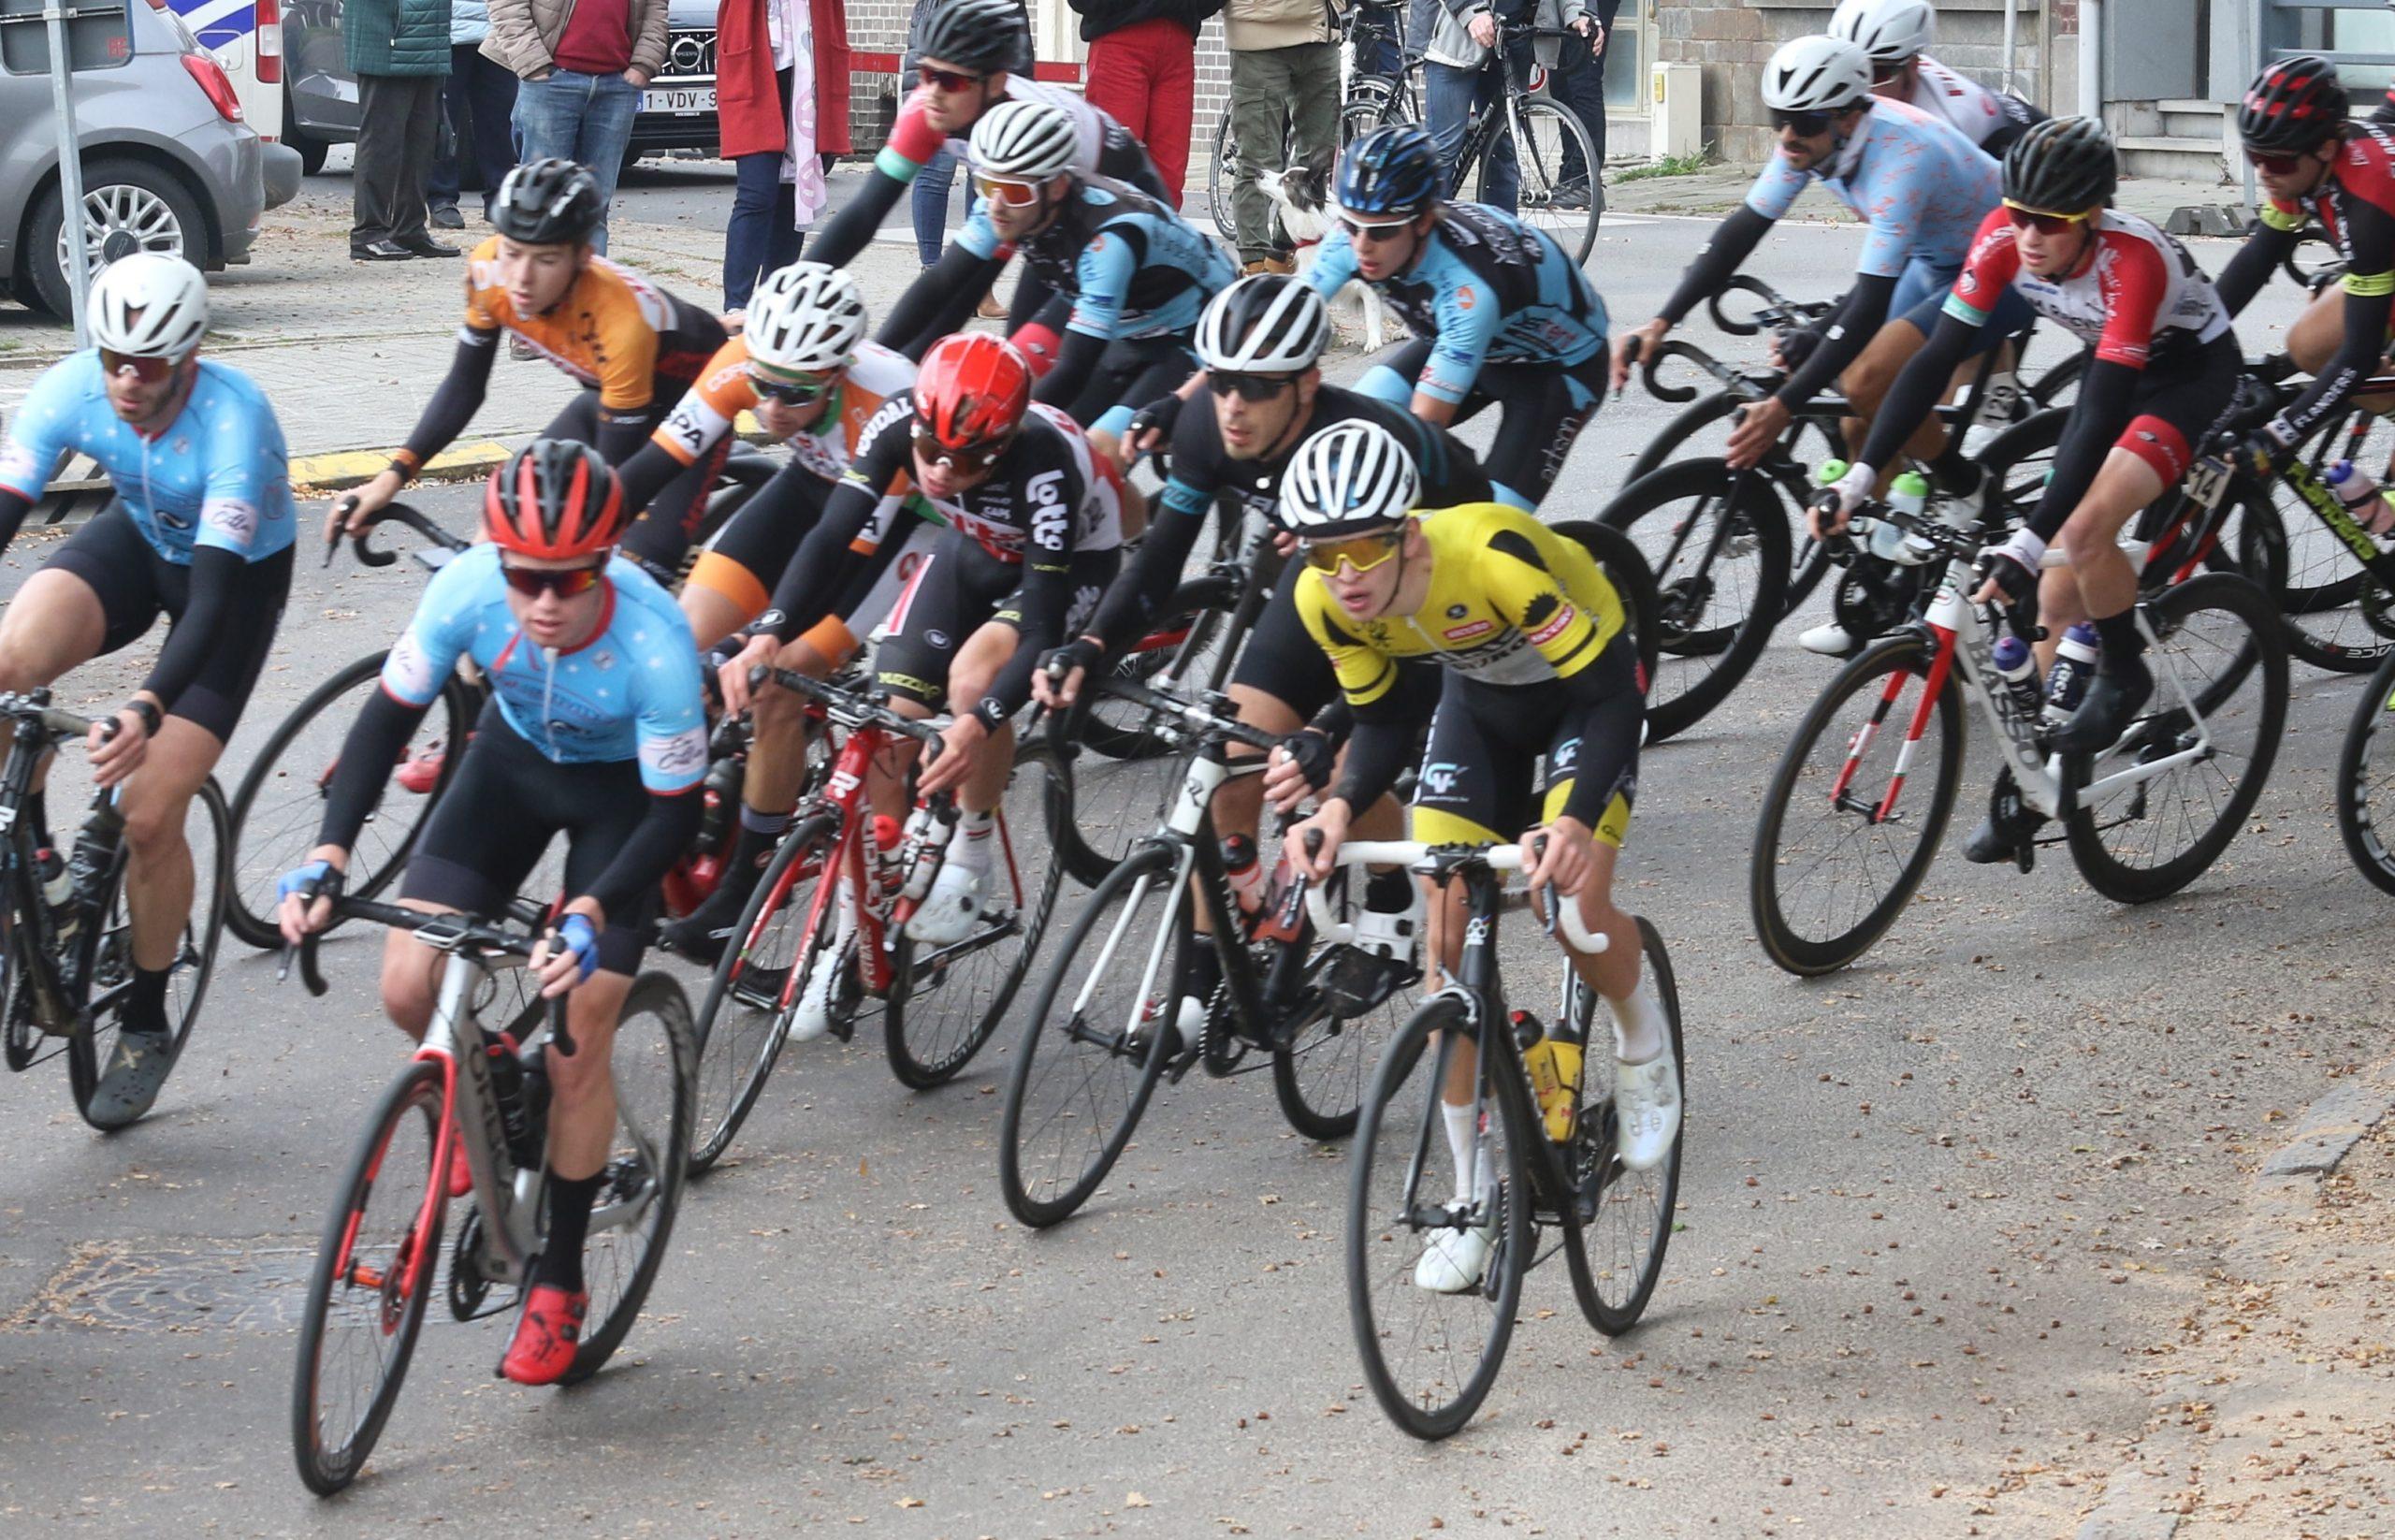 Provinciaal amateurkampioen Wannes Galicia is 24/7 met fietsen begaan